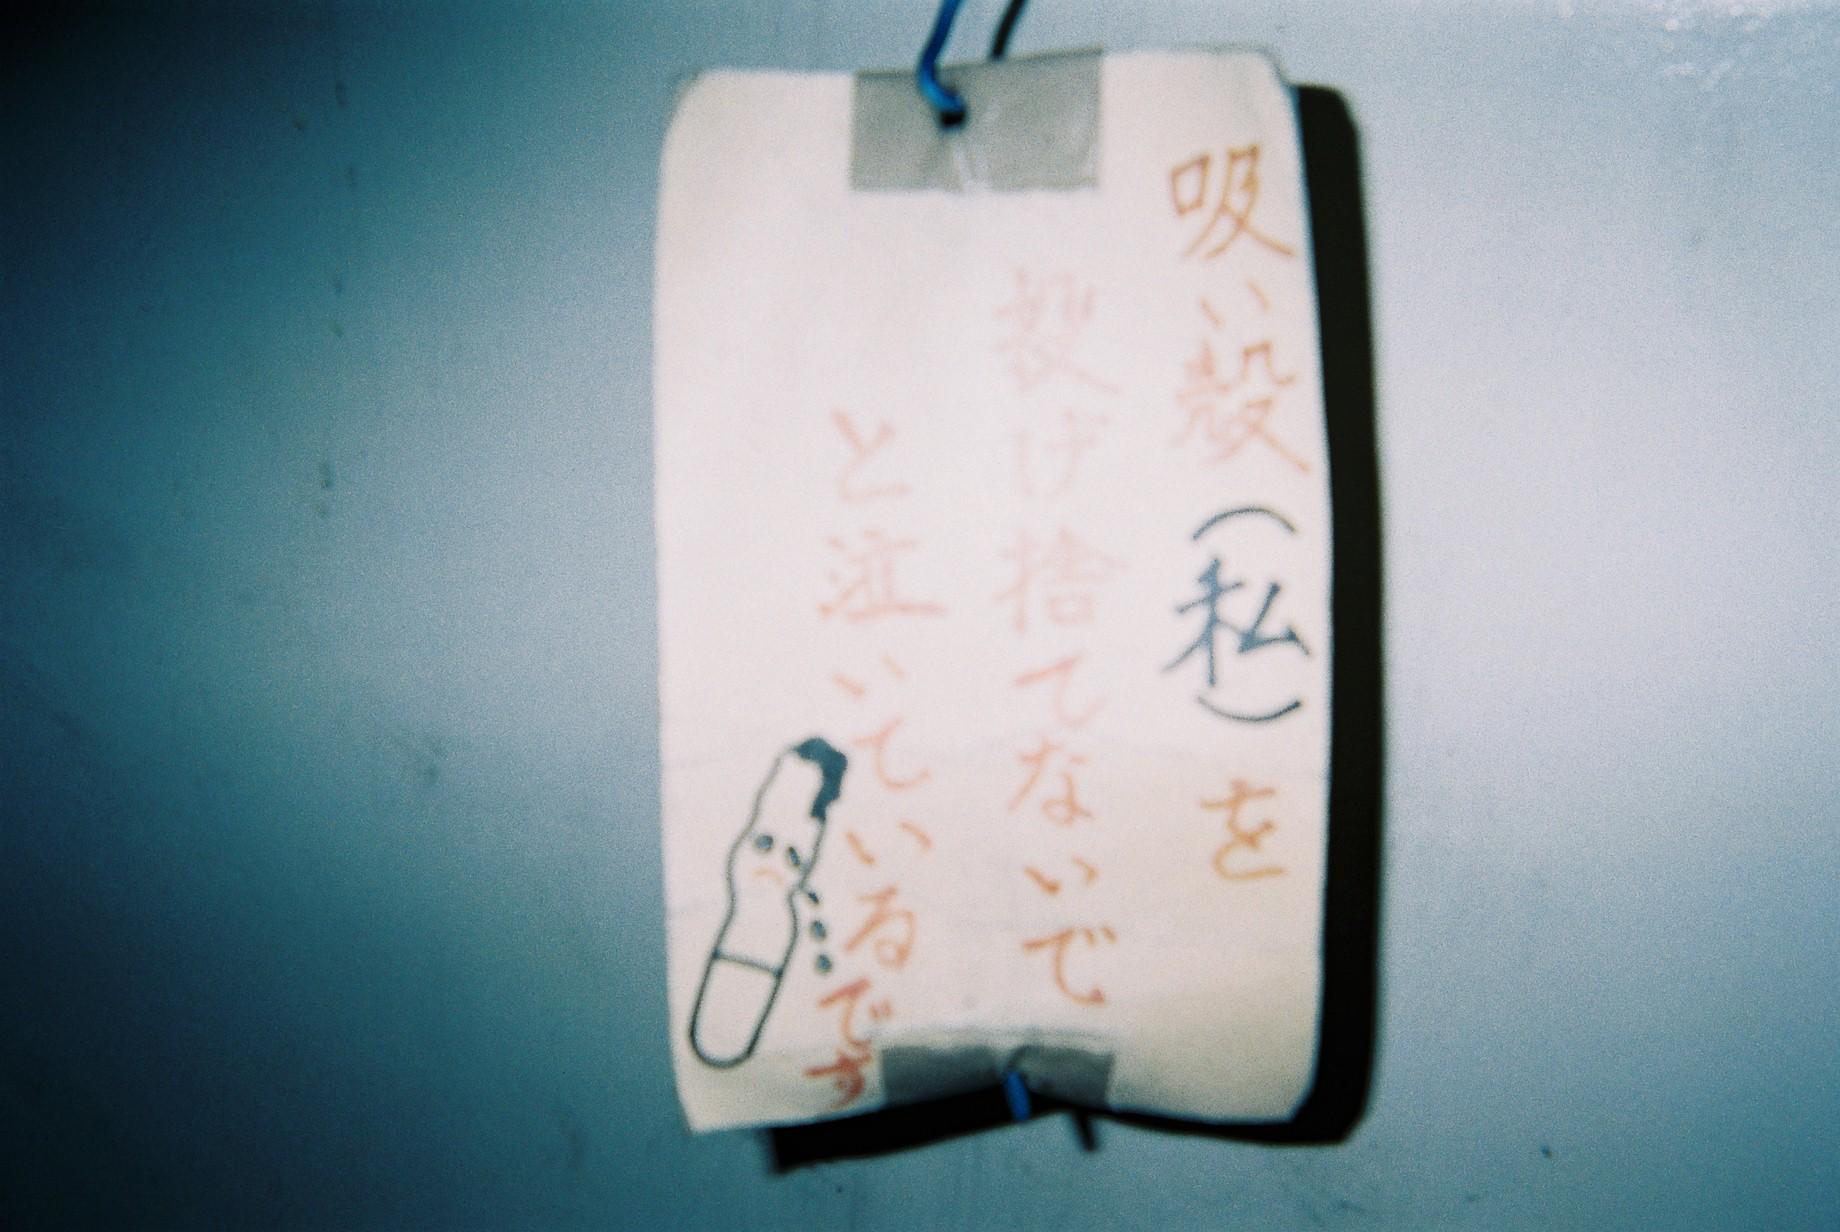 ボランティア精神 - 港区南青山